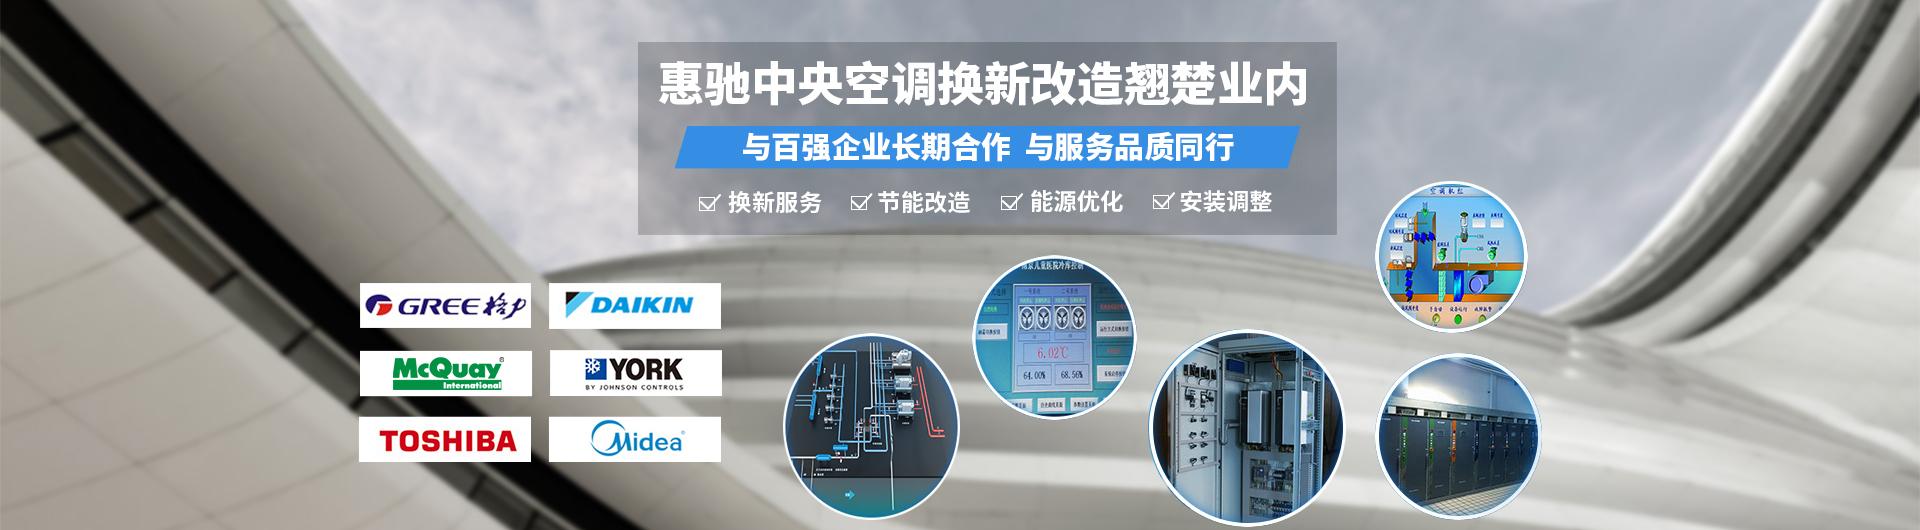 惠驰中央空调换新改造翘楚业内